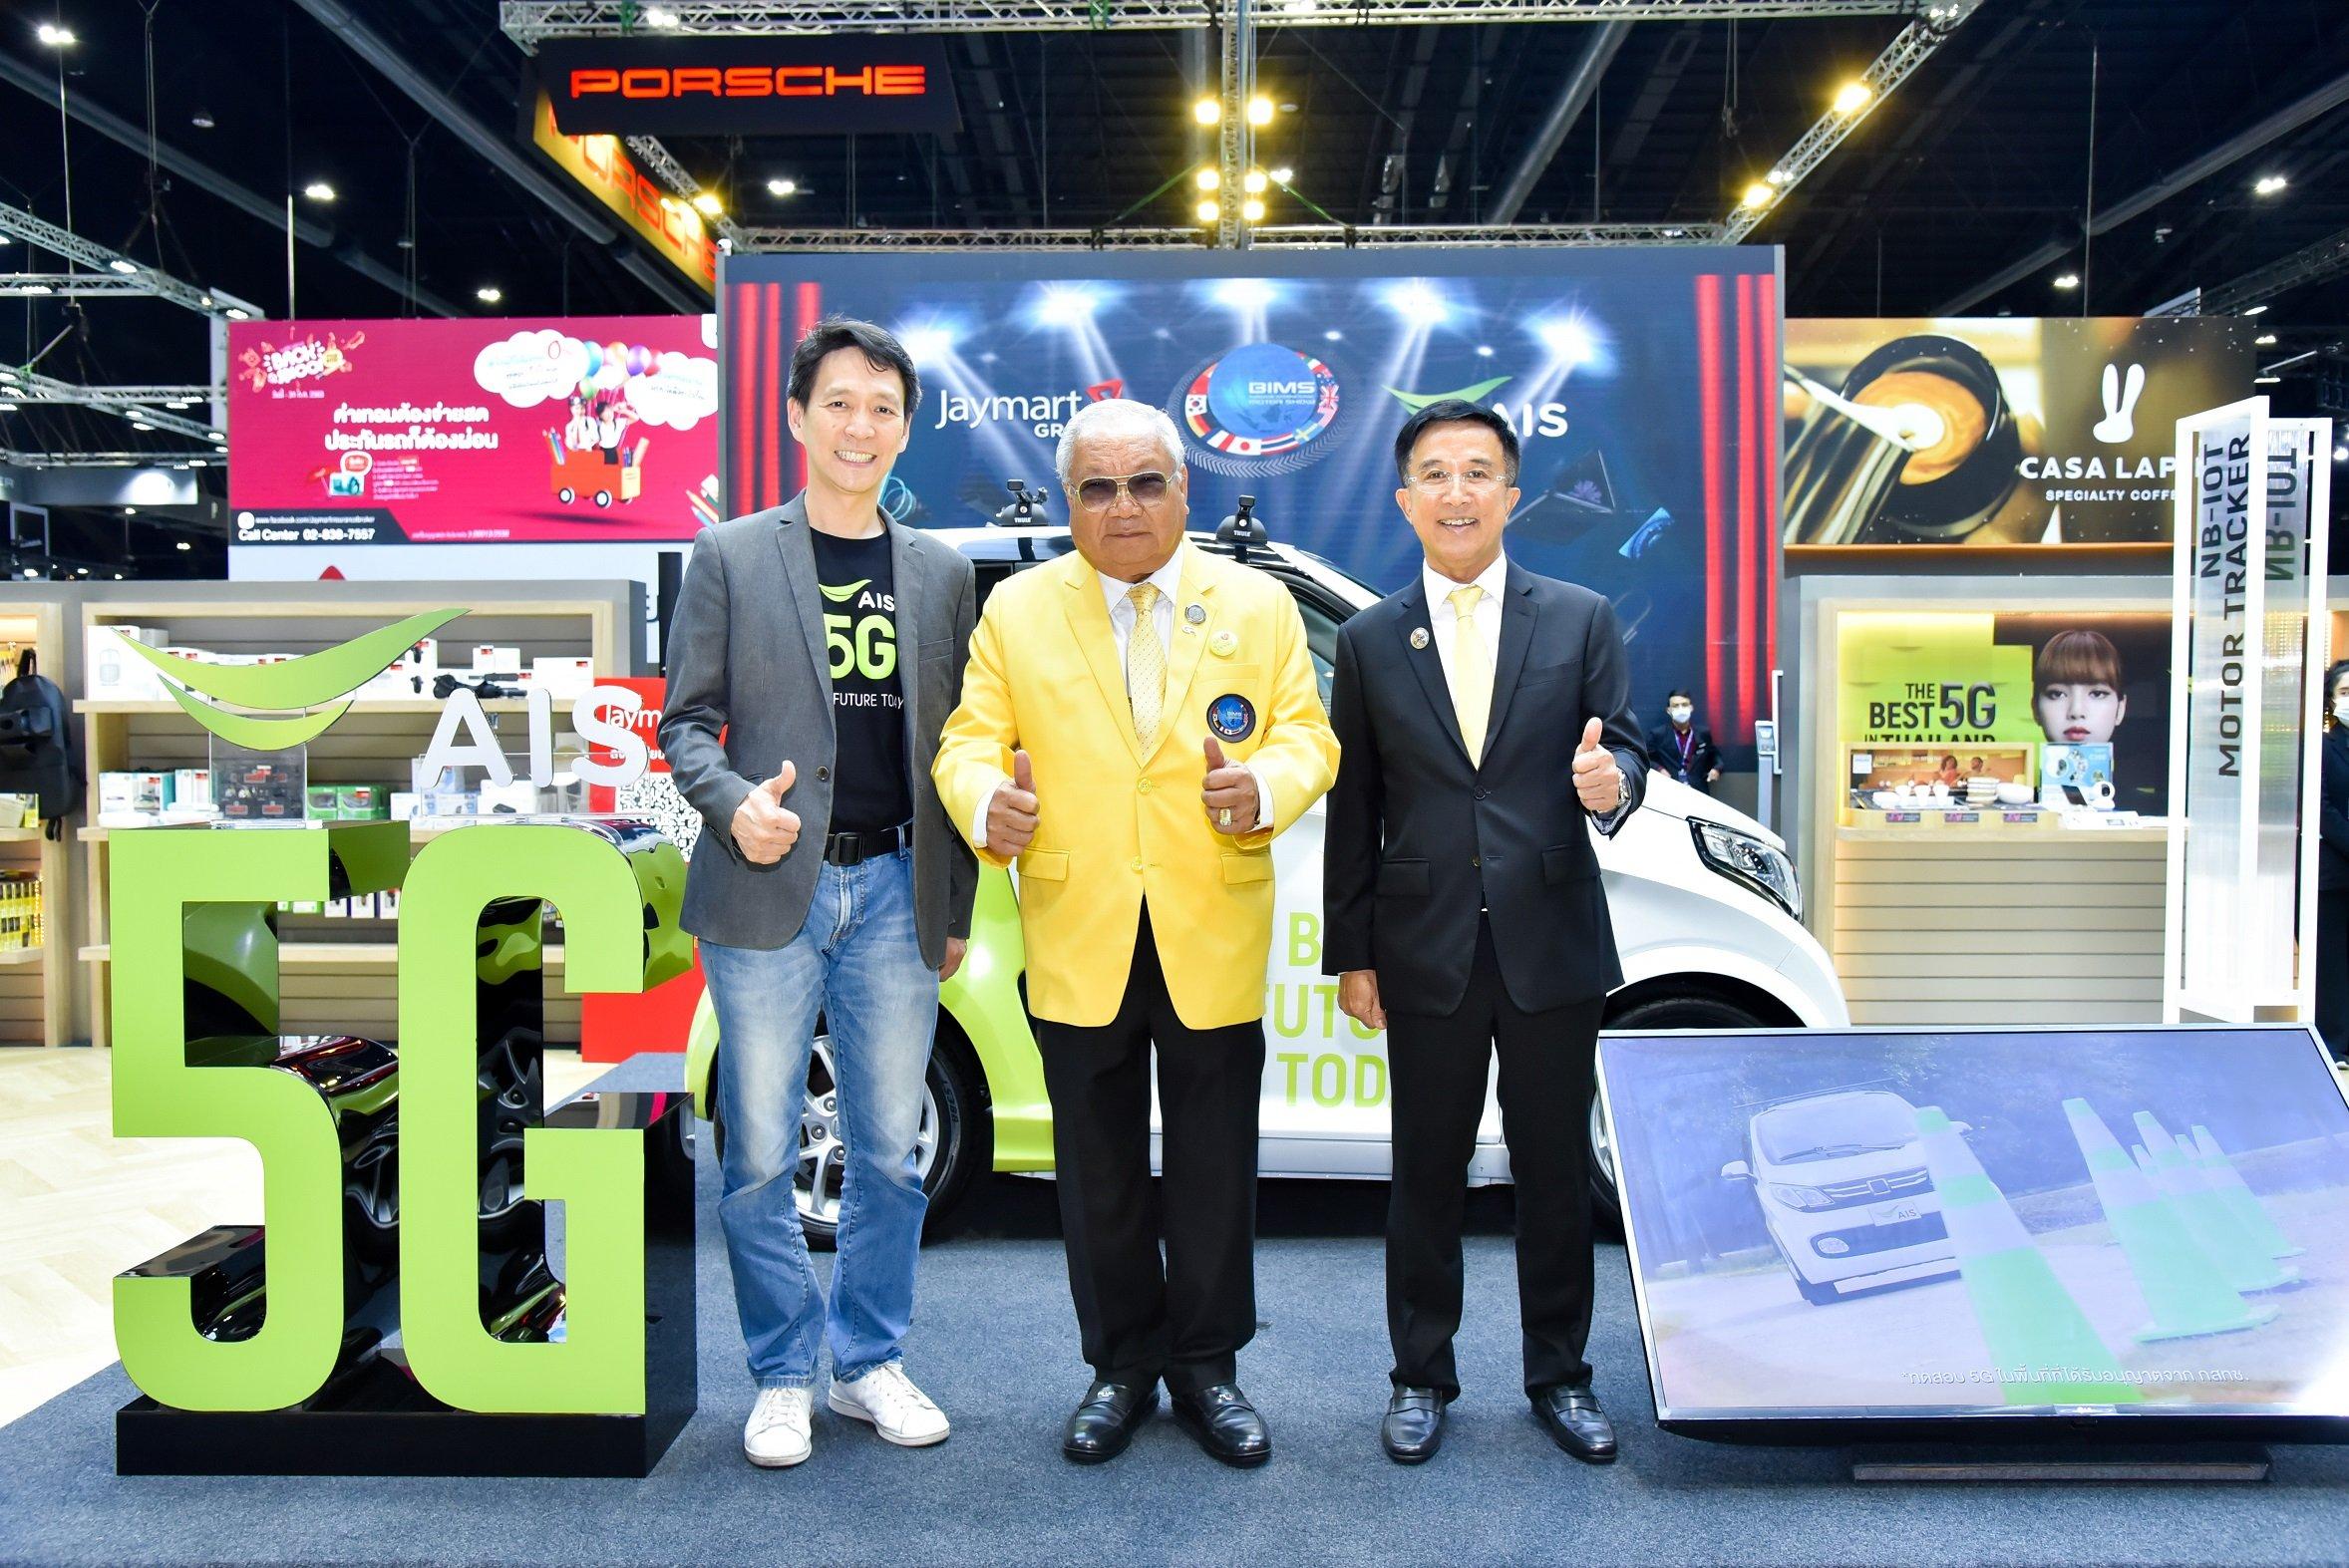 ครั้งแรกกับการผสานพลังกลุ่มเจมาร์ท ผนึก AIS ยกทัพเทคโนโลยี บุกงาน Bangkok Motor Show 2020